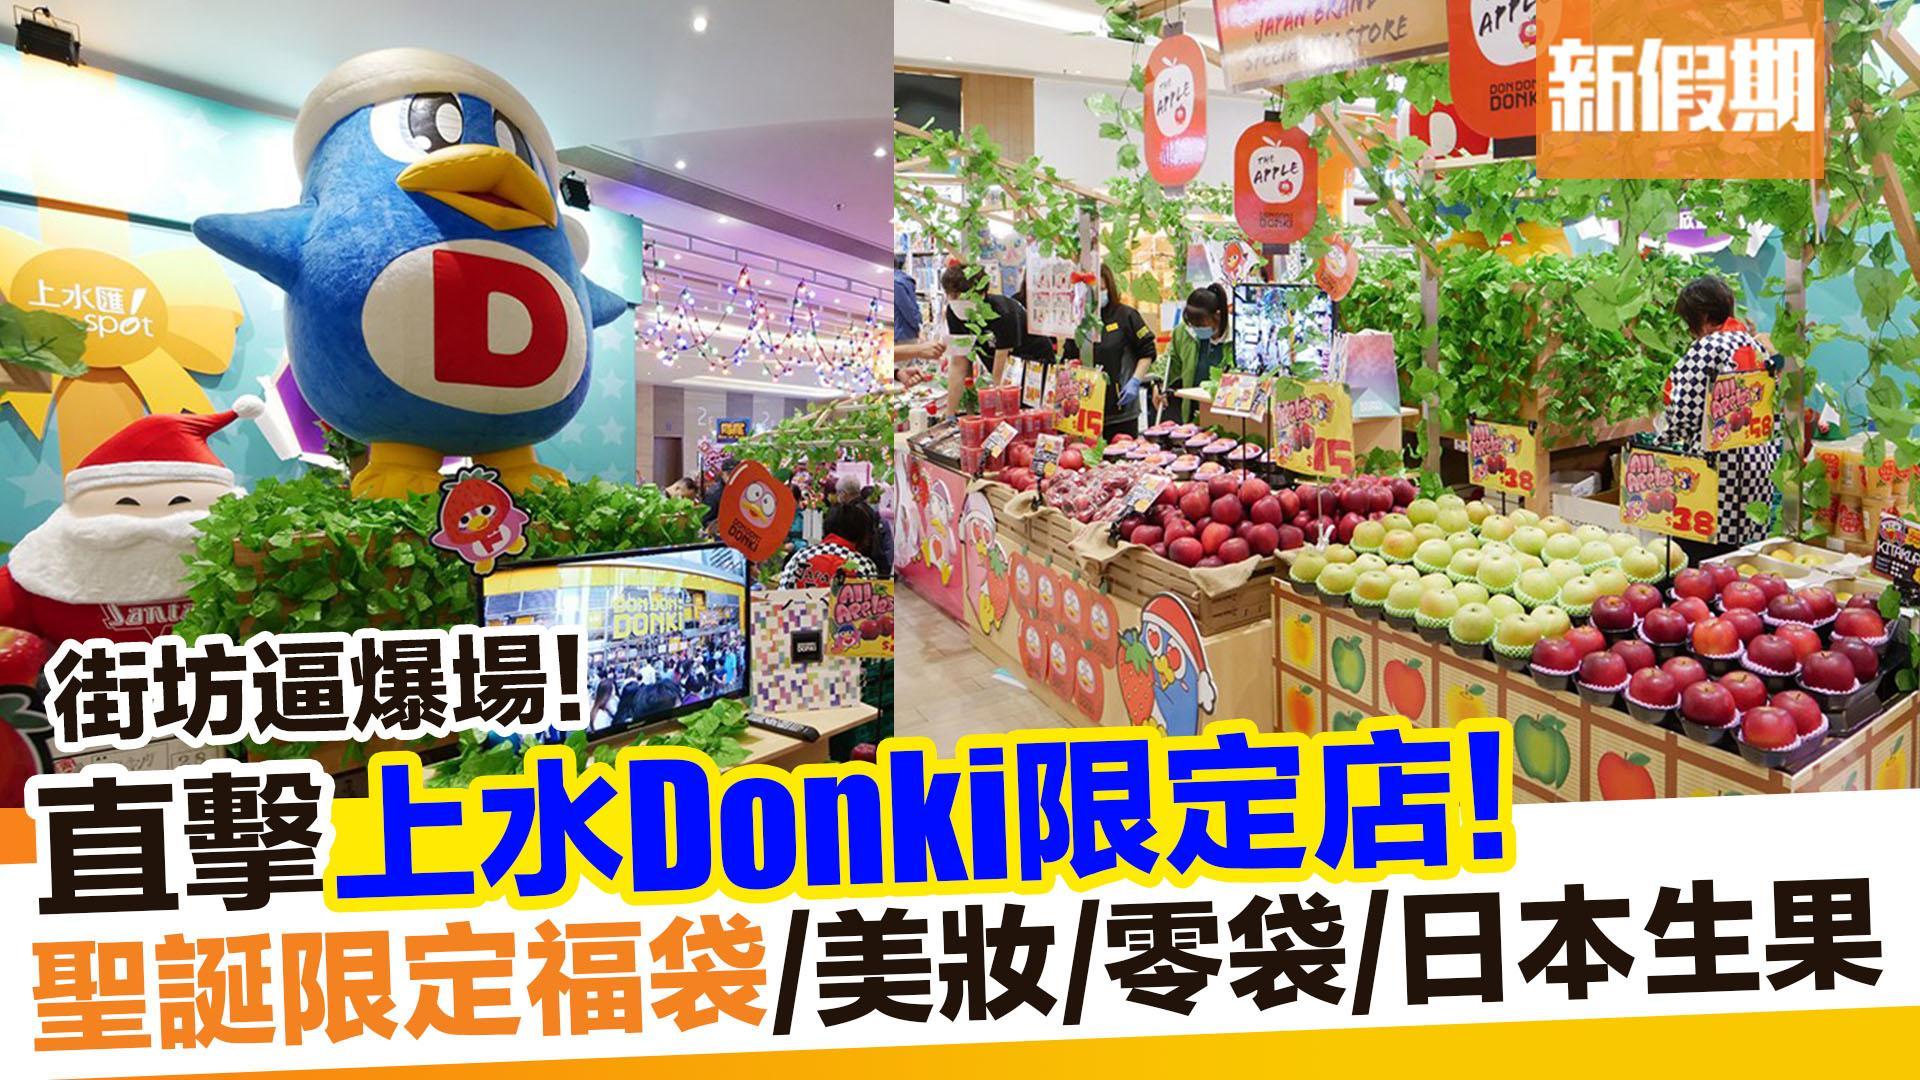 【敗家雜貨場】Donki激安殿堂上水Pop Up Store率先睇!日本直送水果+聖誕禮物Set+玩具+美妝 新假期